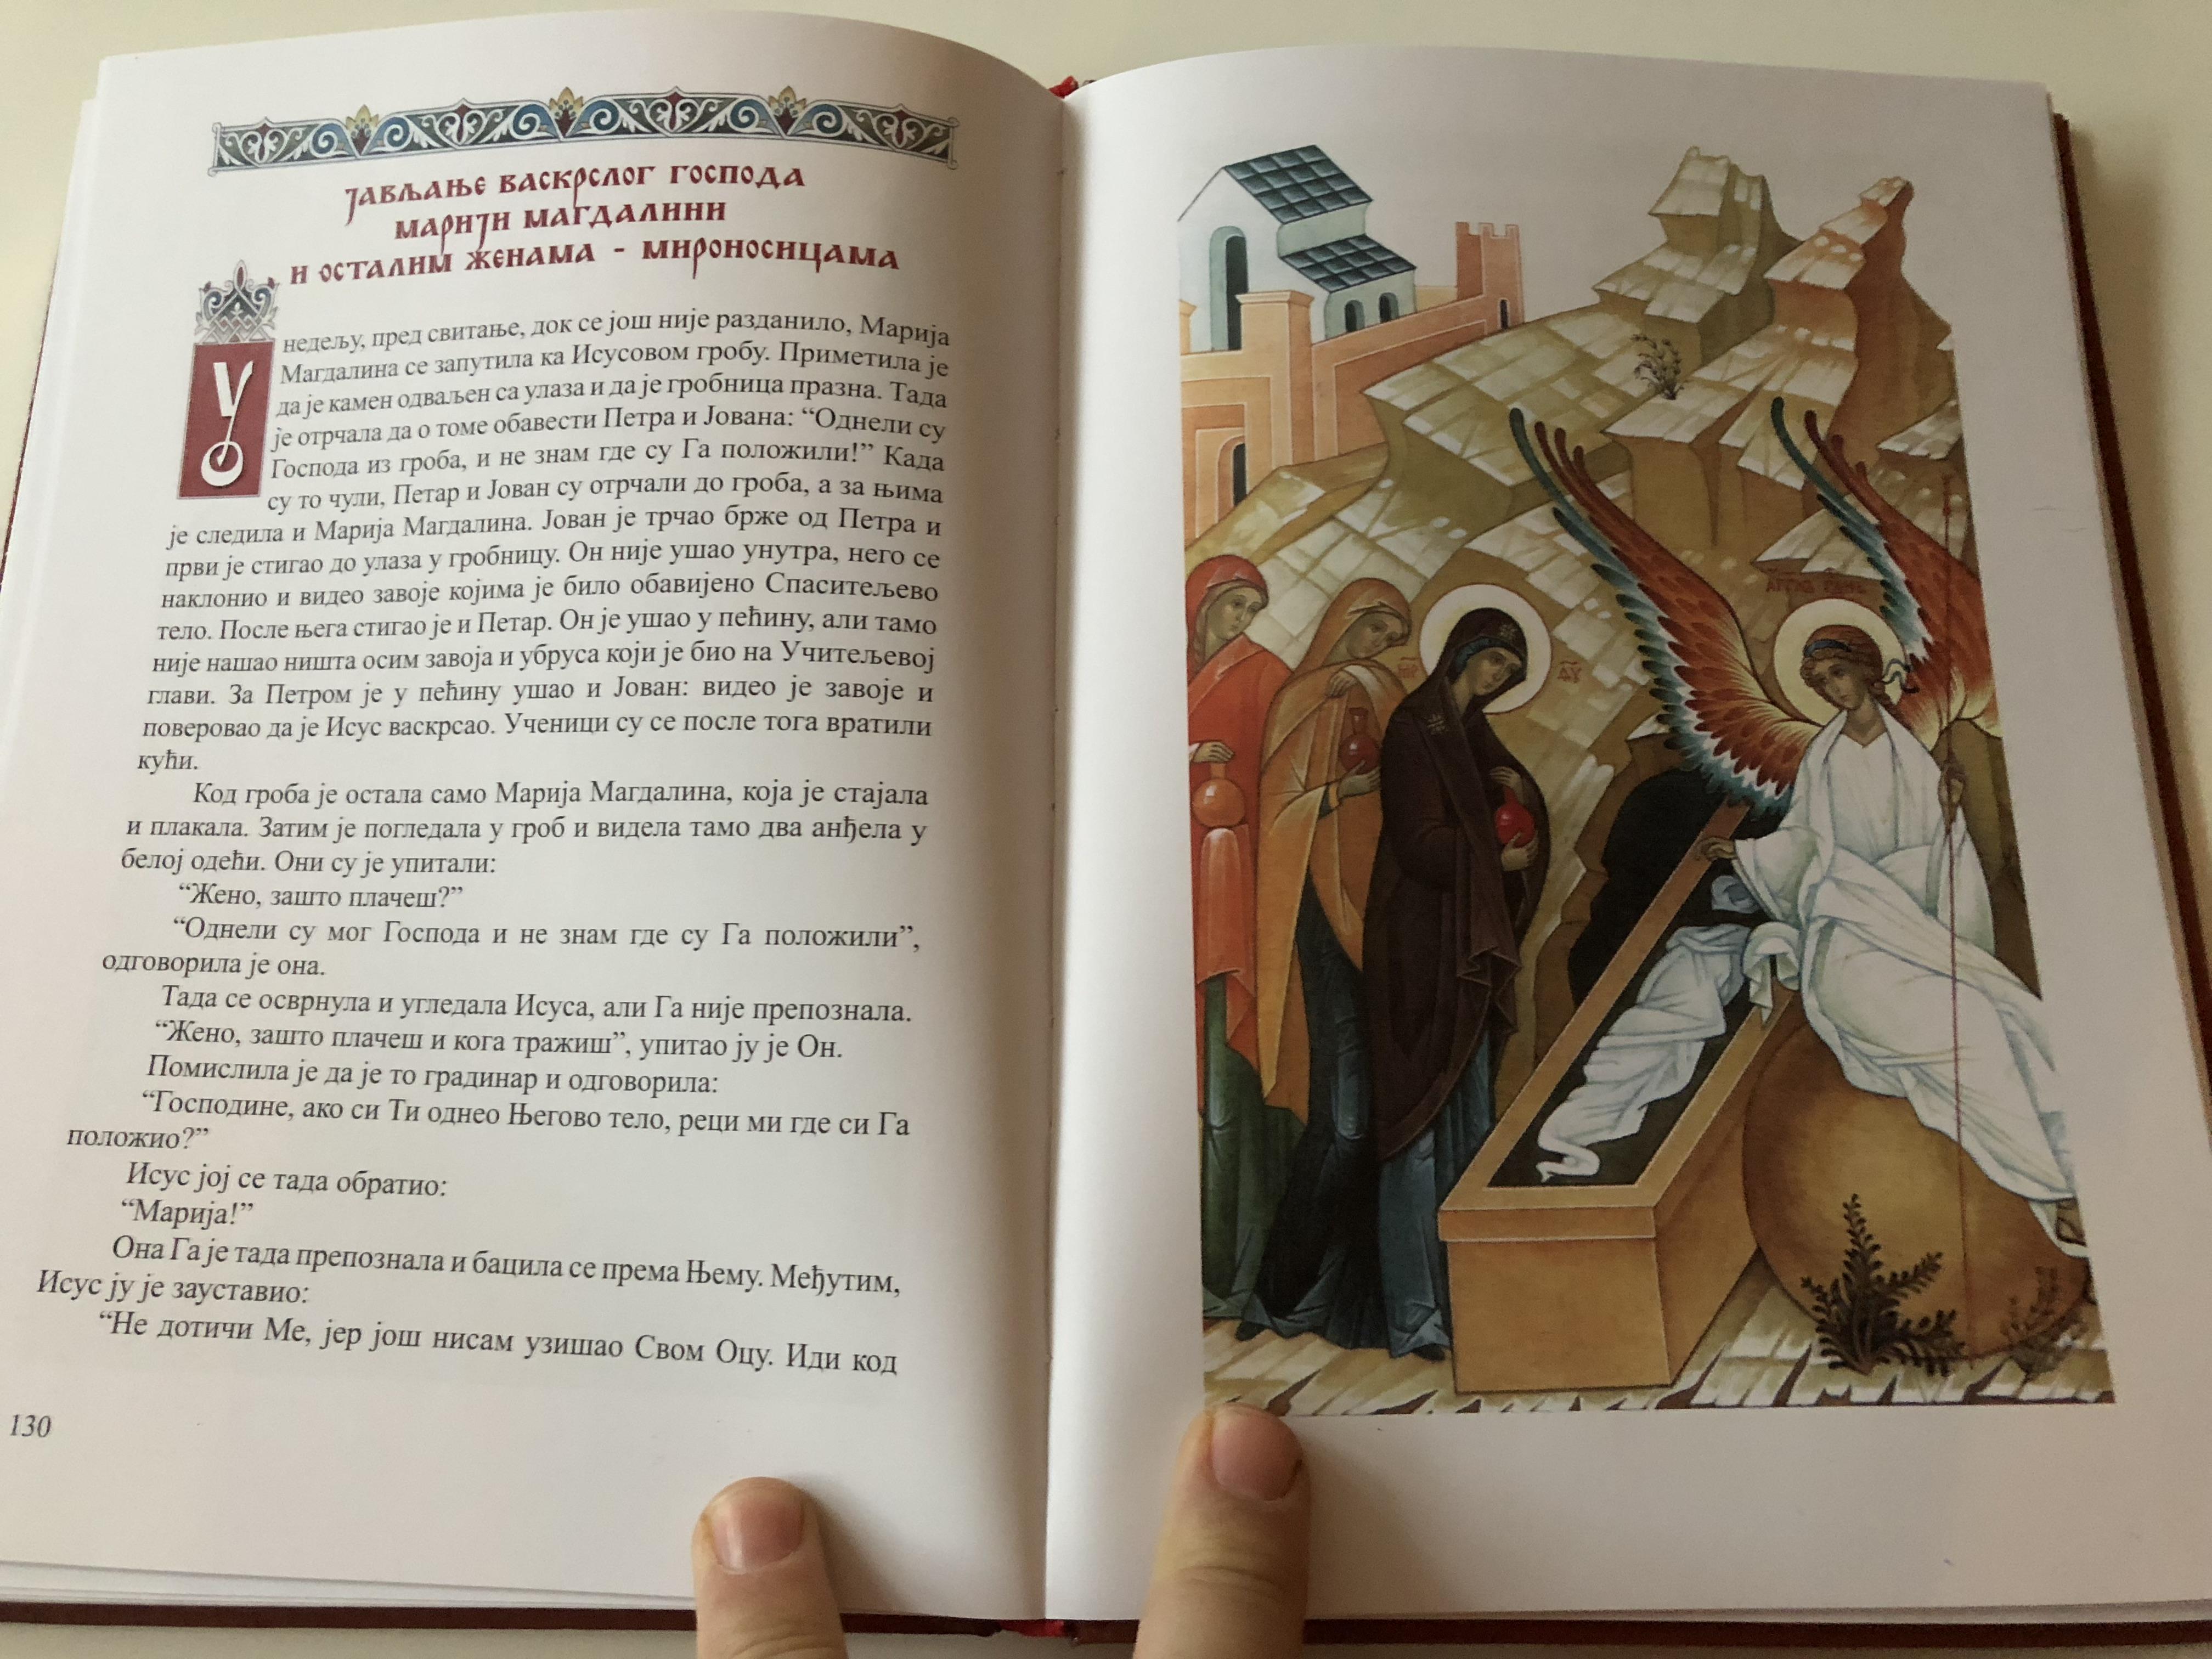 serbian-gospel-retold-for-children-12-.jpg